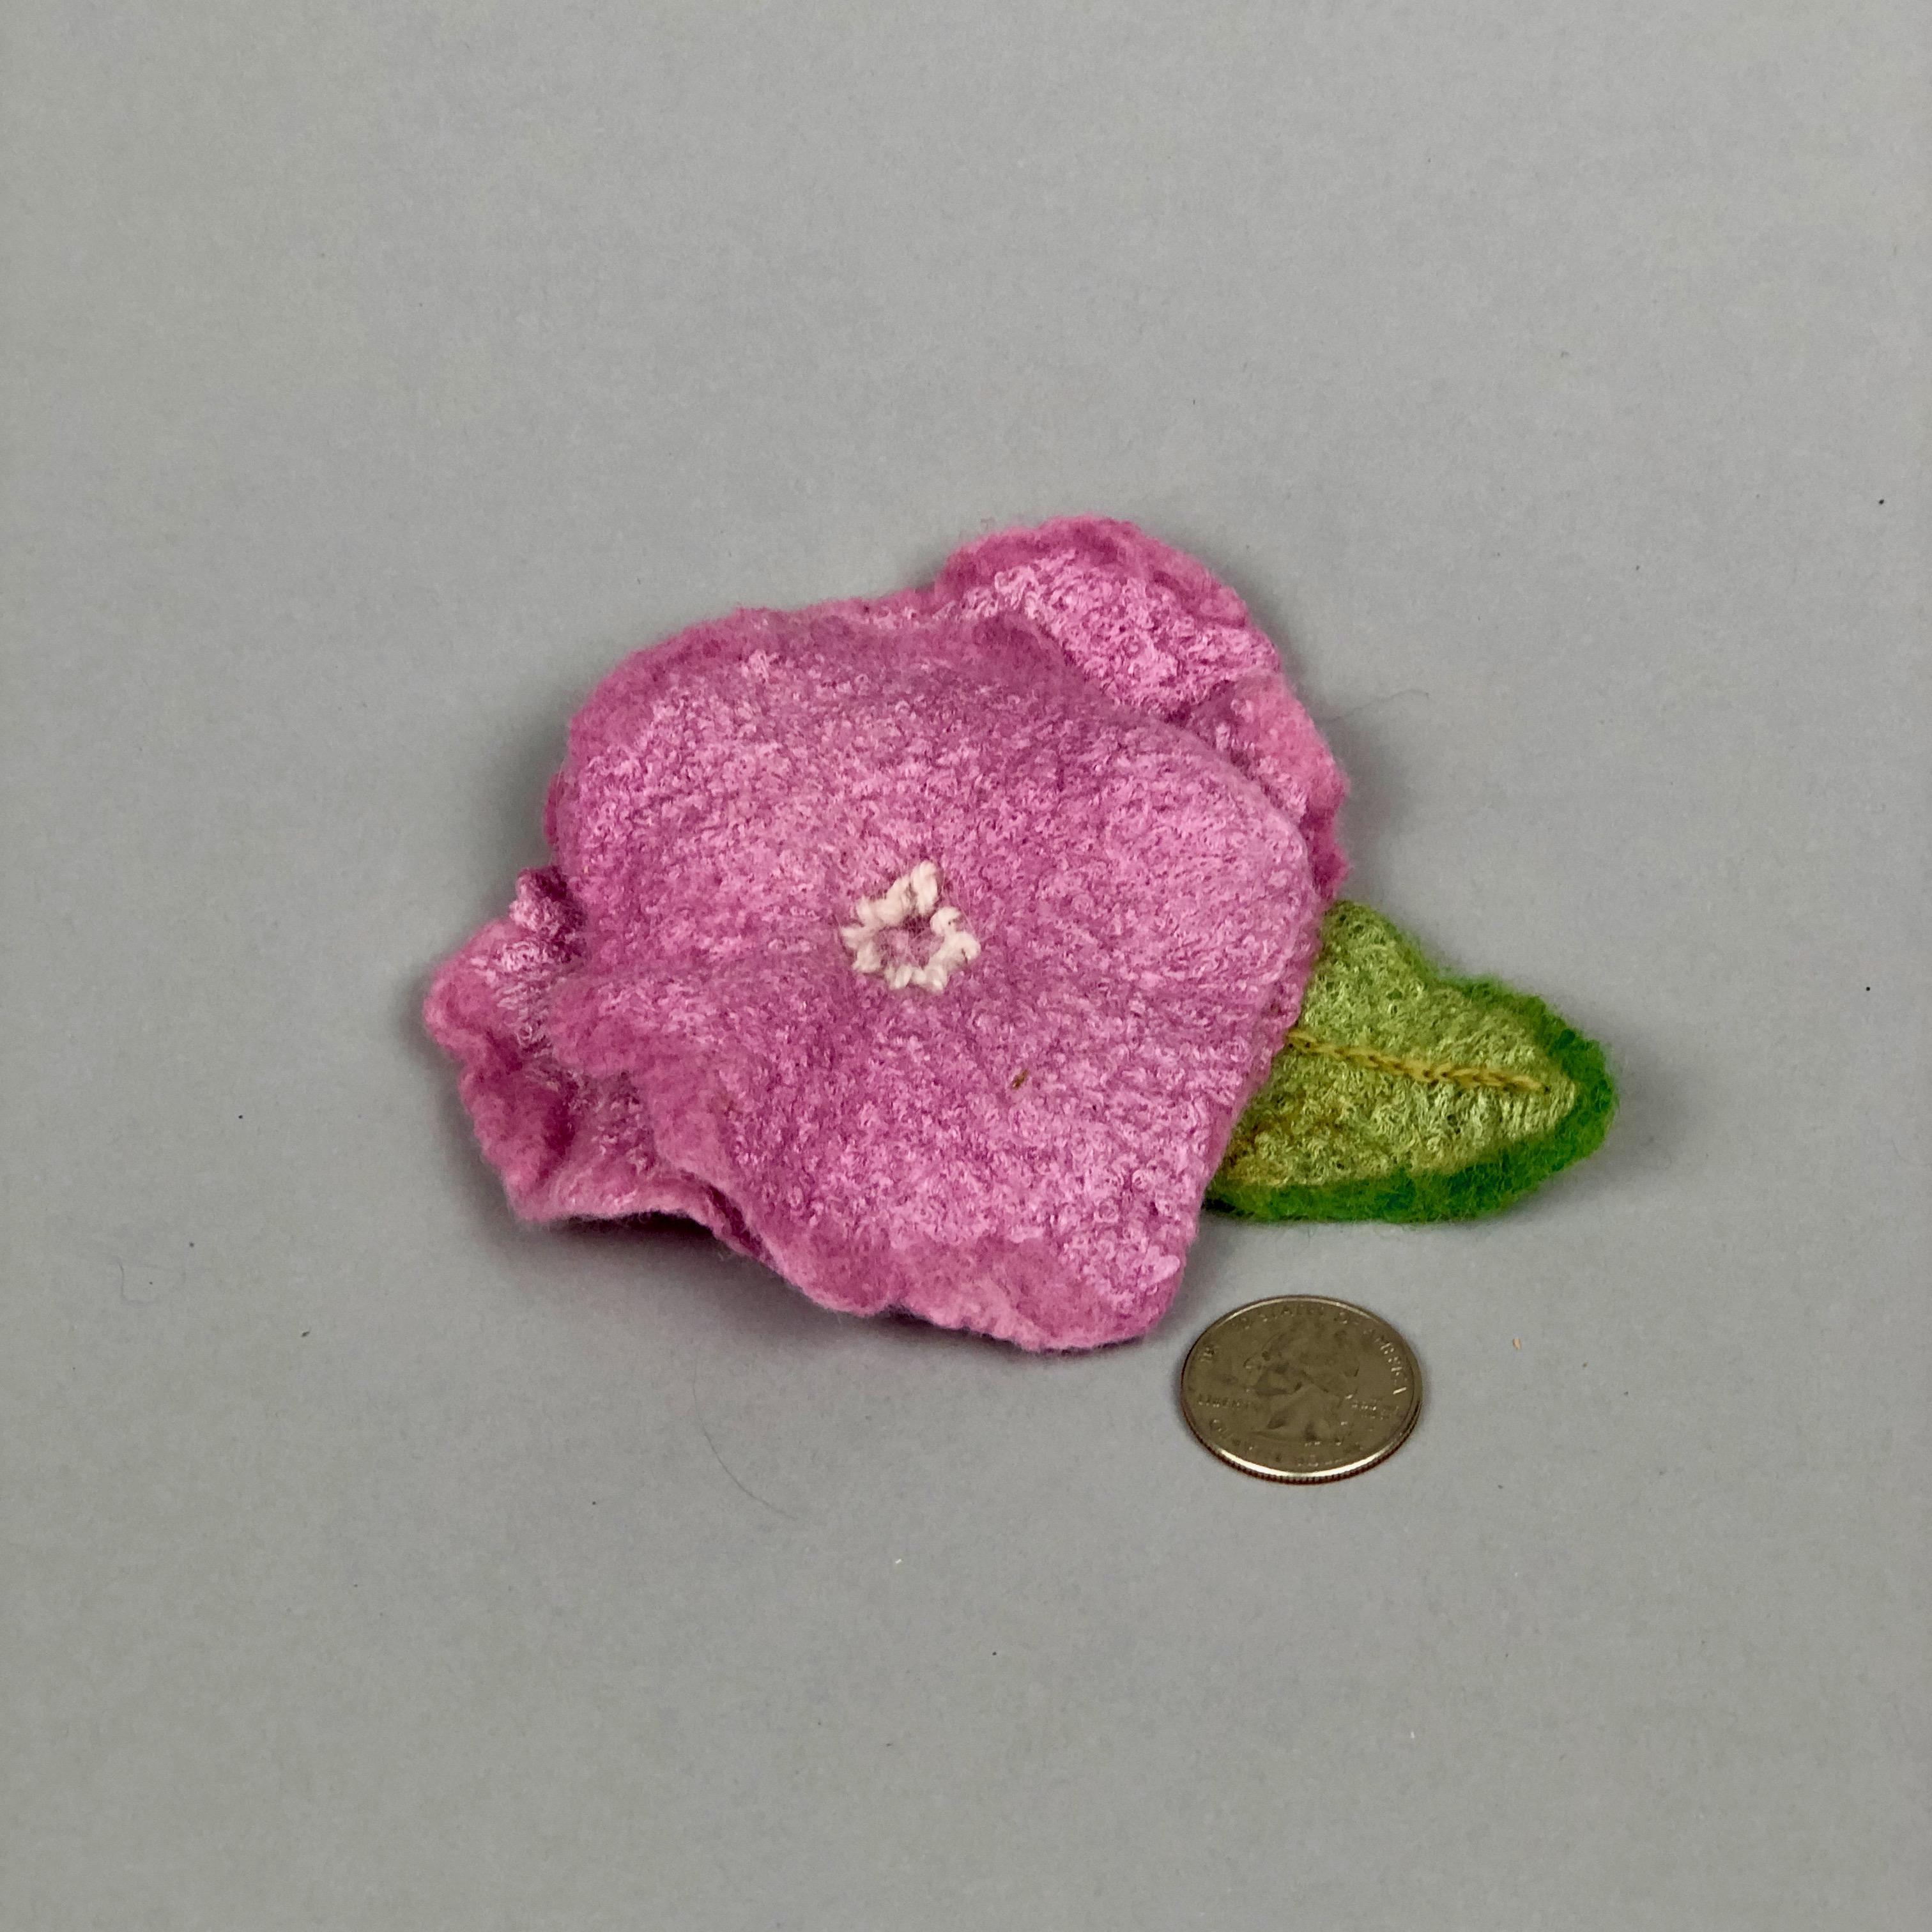 pinkfeltflowerpin